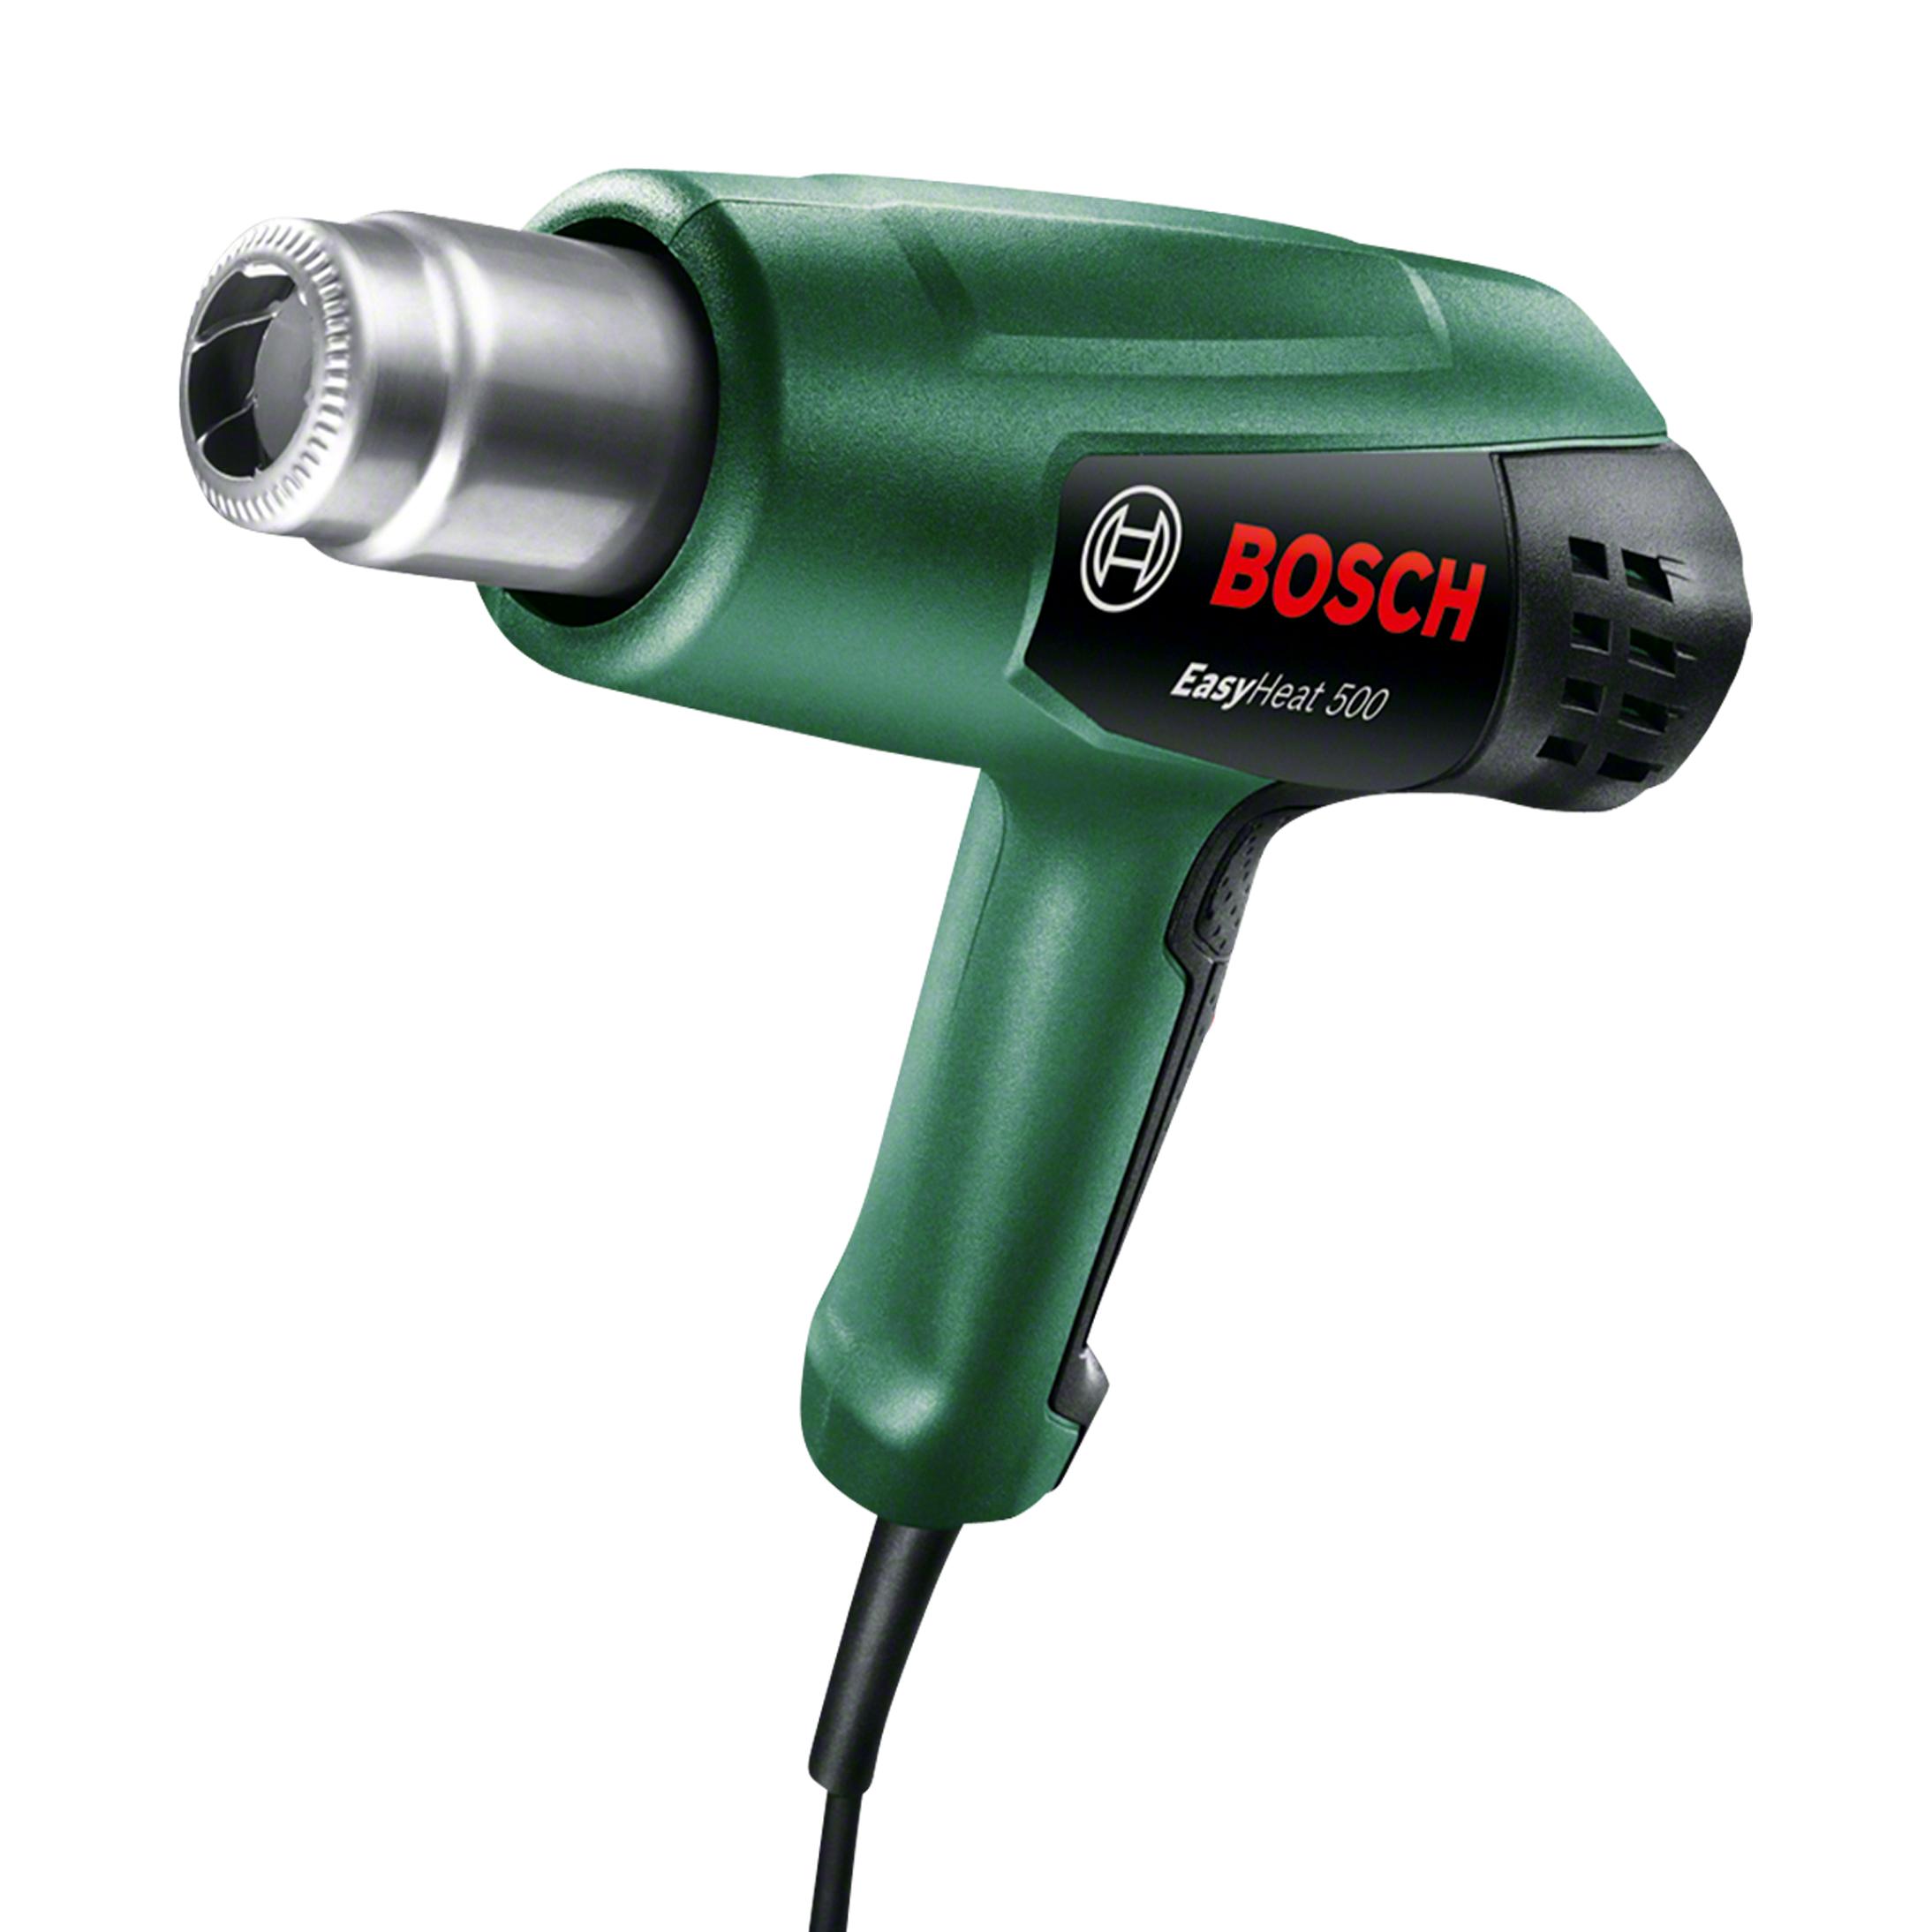 Bosch Décapeur thermique Bosch Easyheat 500